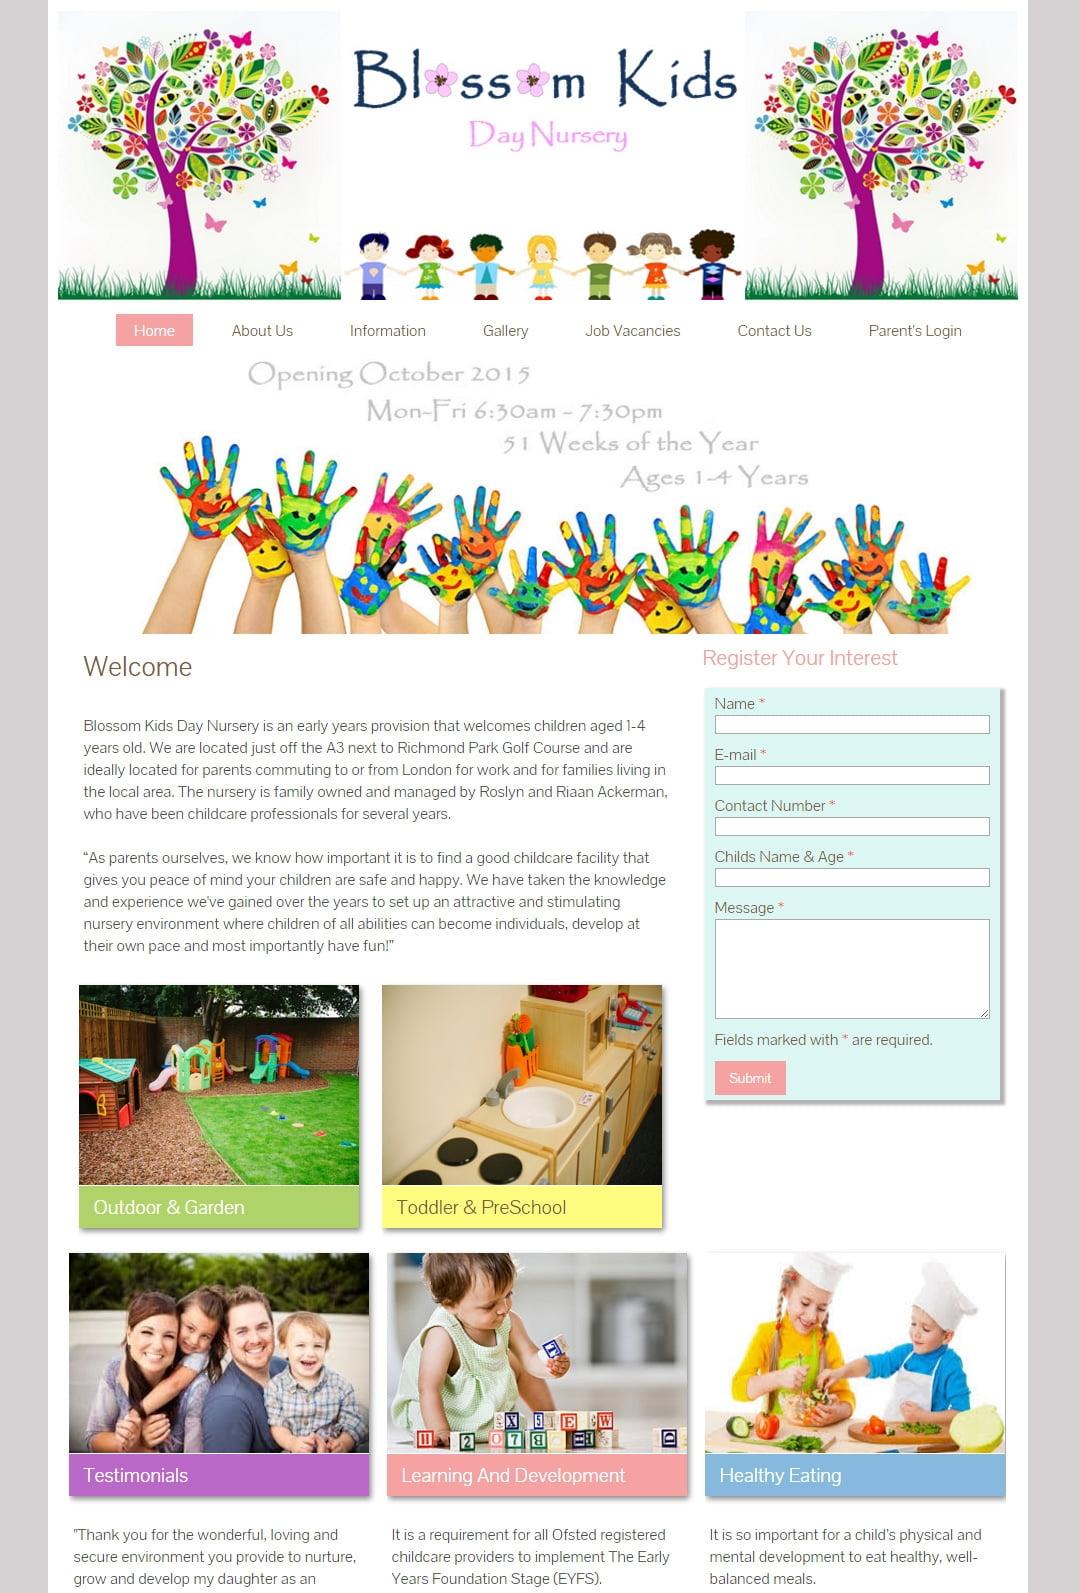 Blossom Kids Nursery